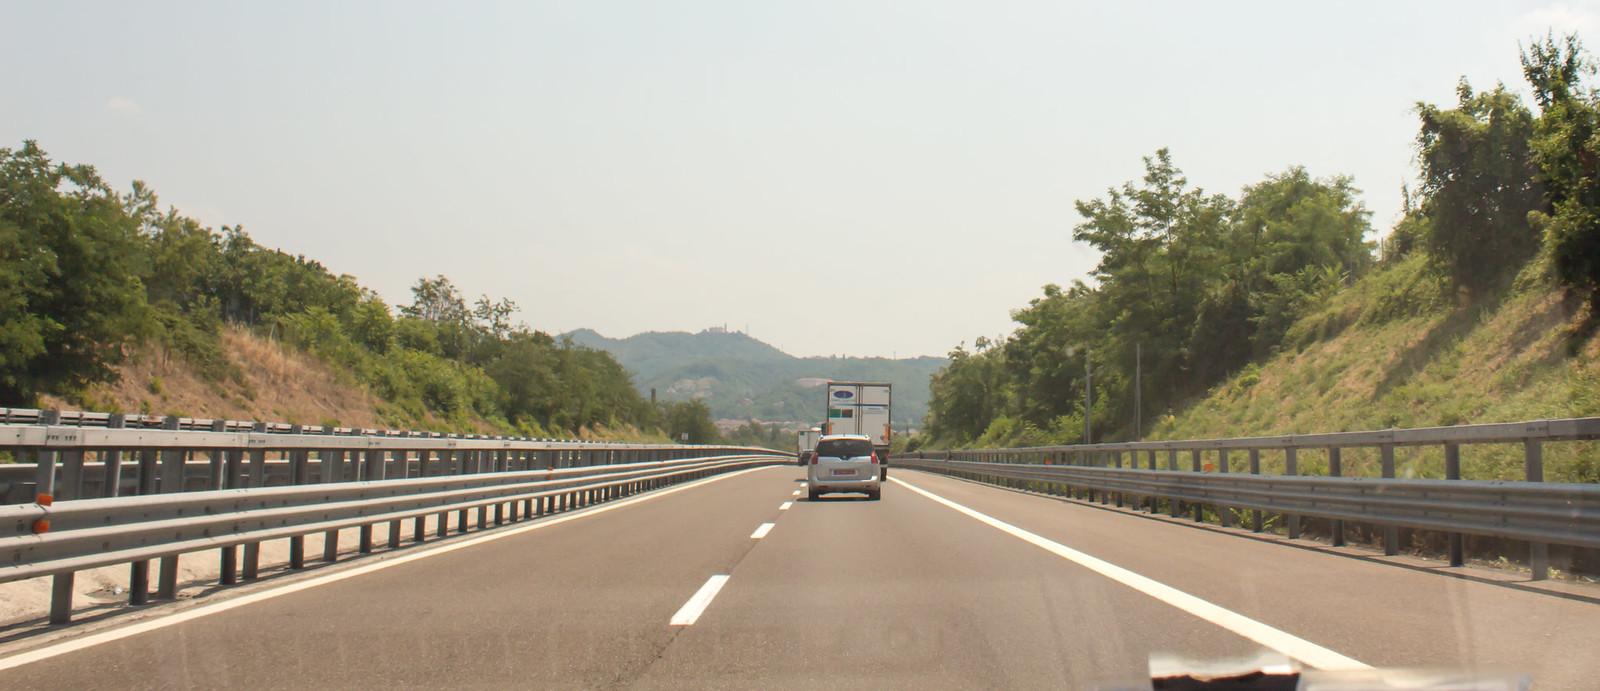 Дорога Милан - Генуя около 140 километров.